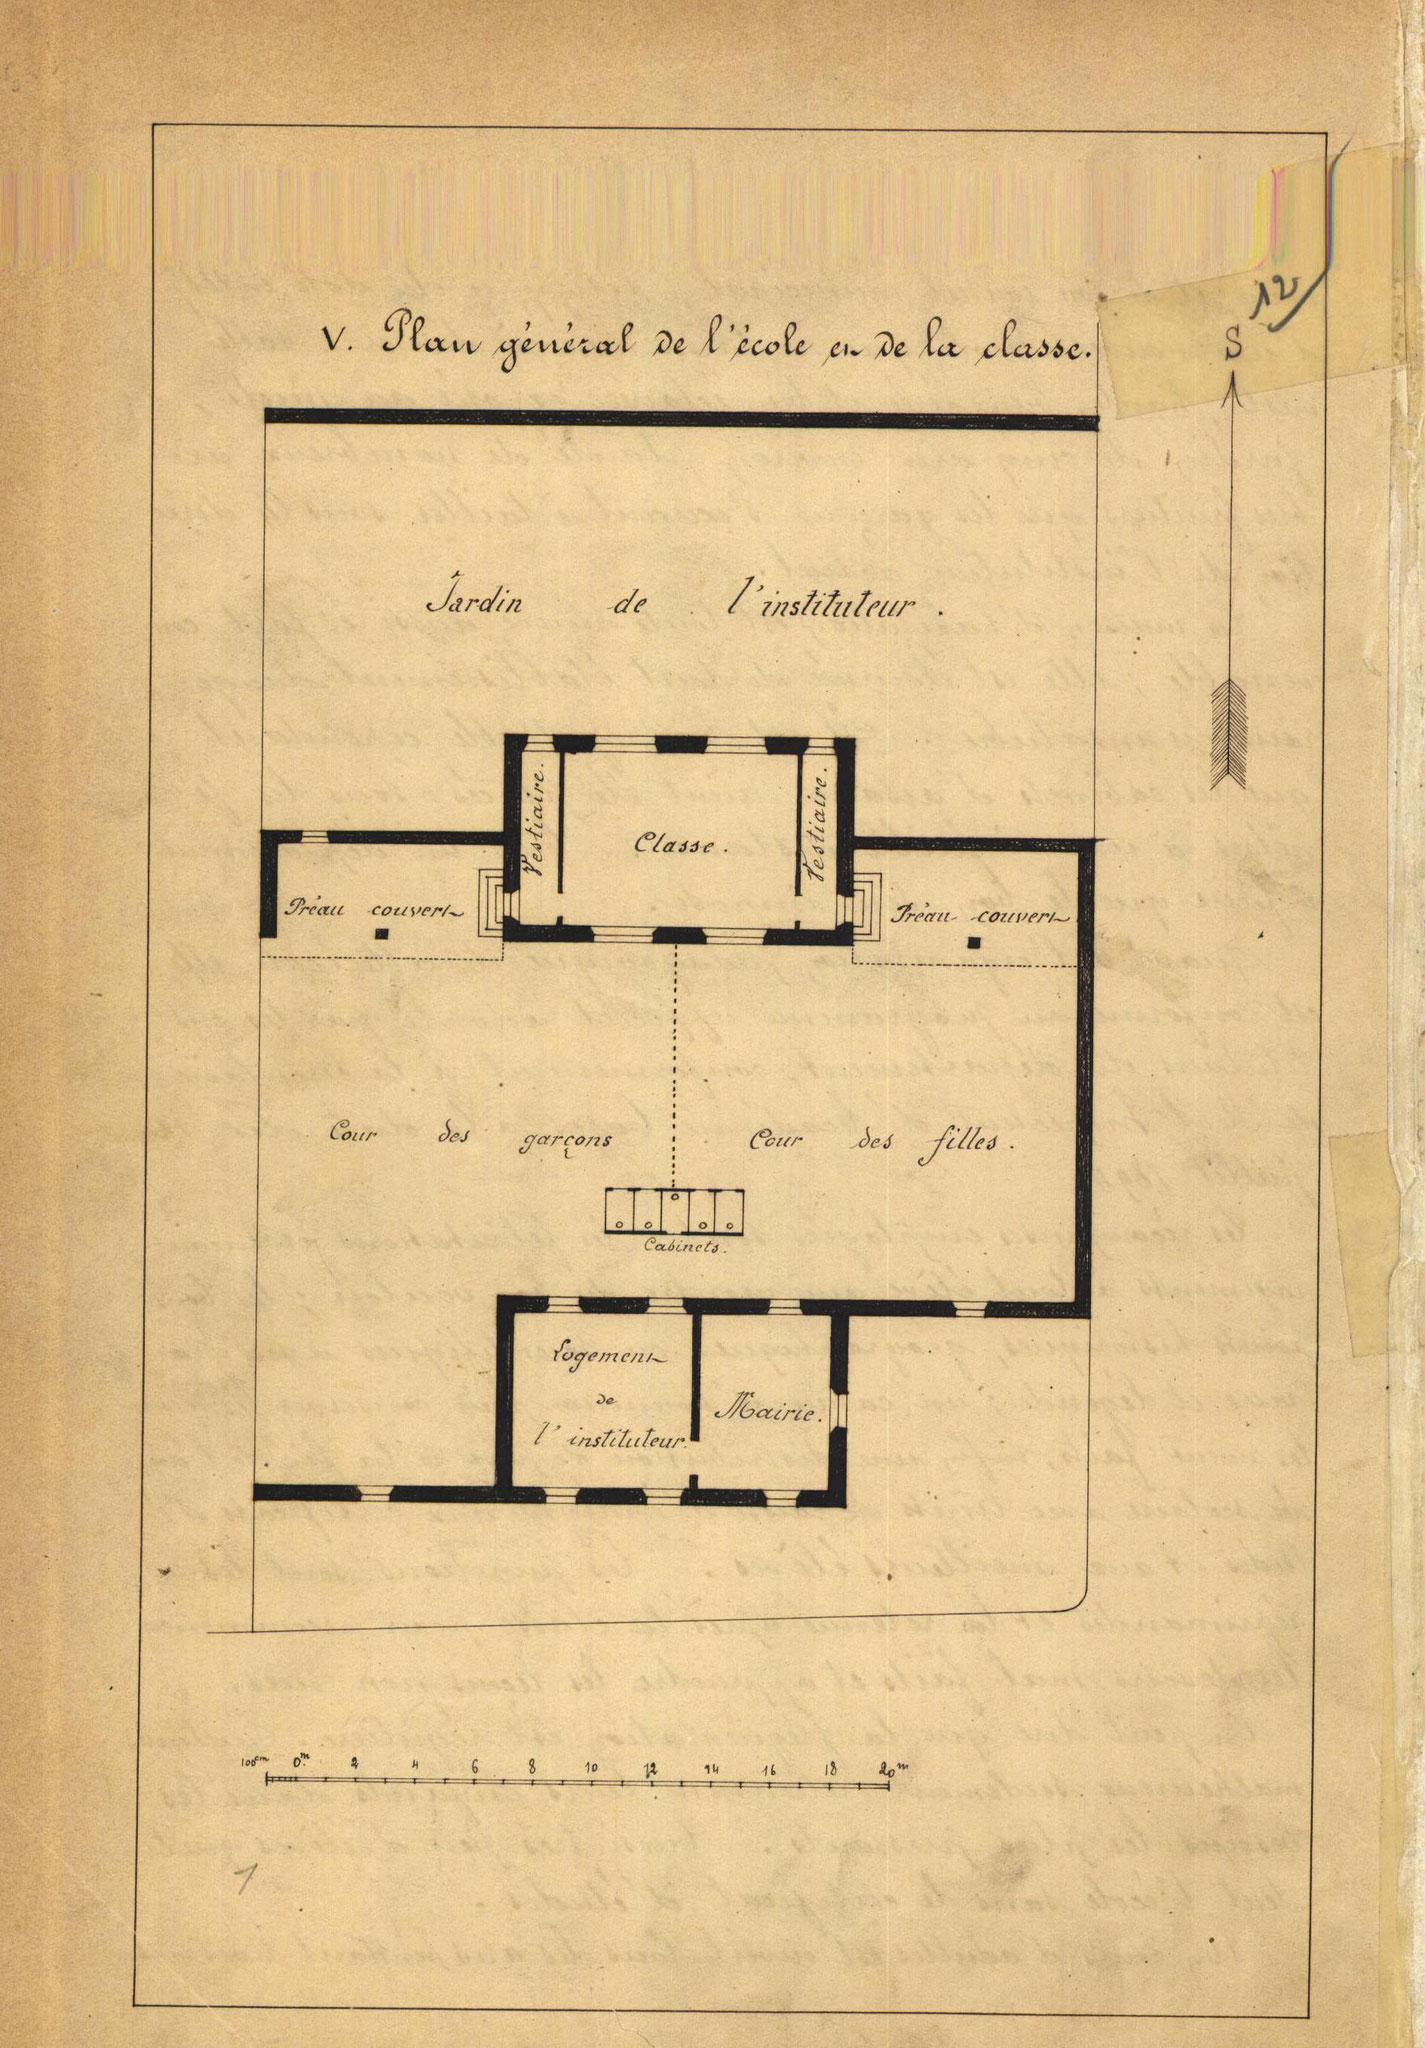 Page 12 - Monographie communale de l'instituteur de Vélizy, 1899